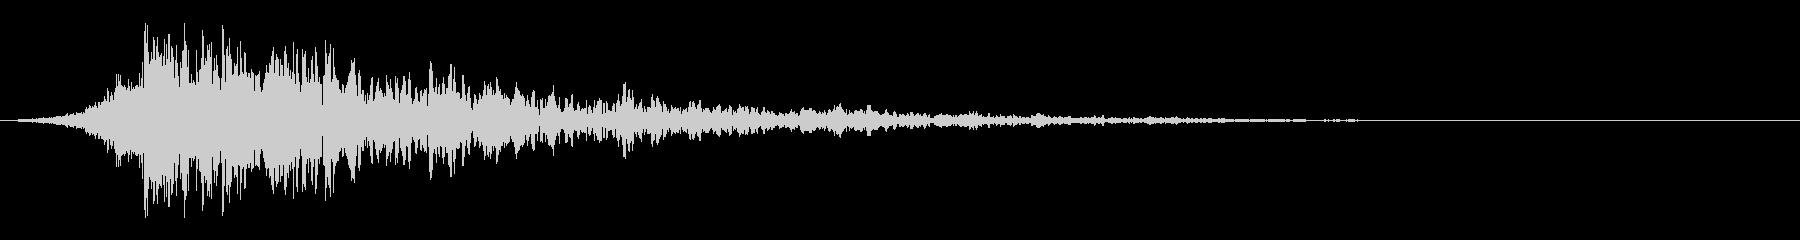 シュードーン-50-2(インパクト音)の未再生の波形